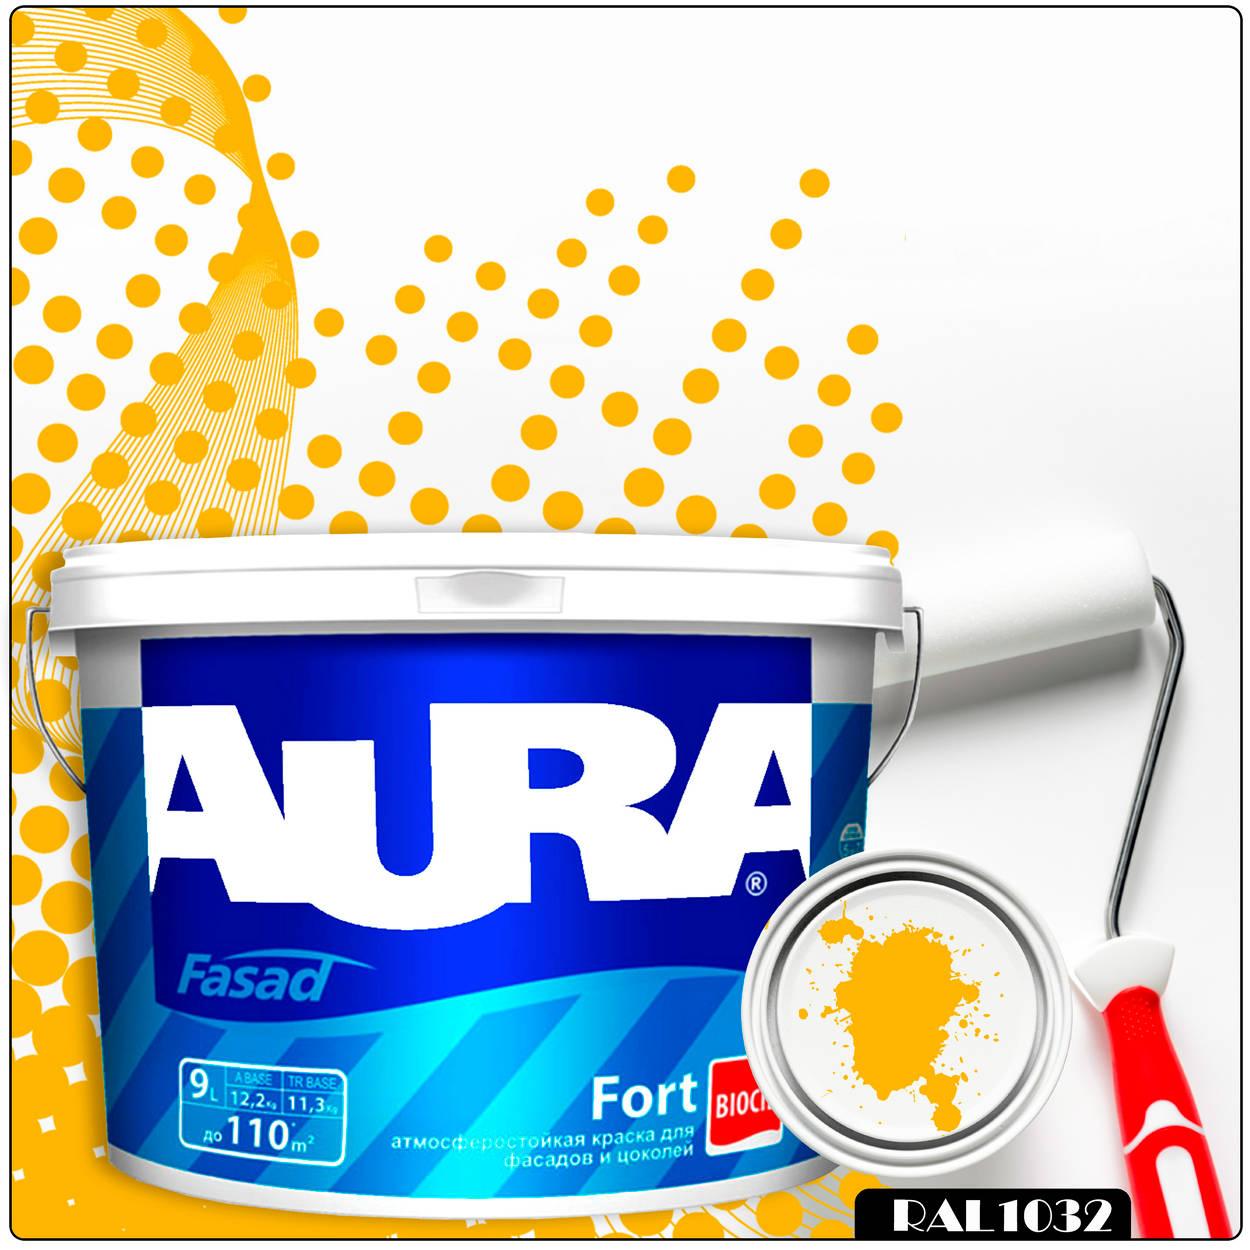 Фото 24 - Краска Aura Fasad Fort, RAL 1032 Жёлтый ракитник, латексная, матовая, для фасада и цоколей, 9л, Аура.